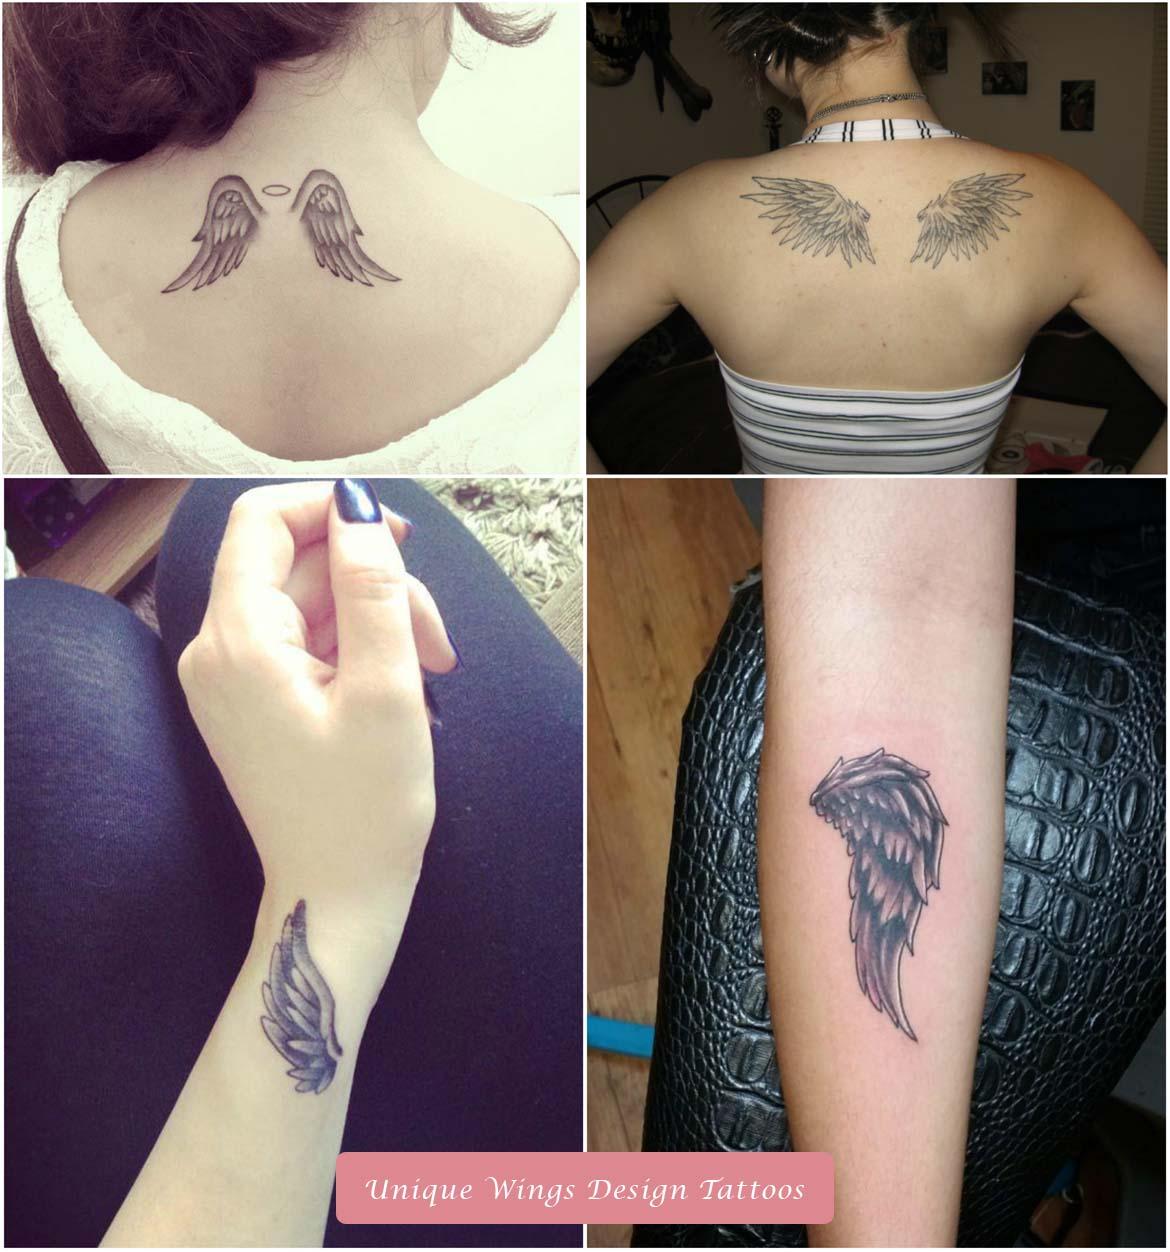 Unique Wings Design Tattoos